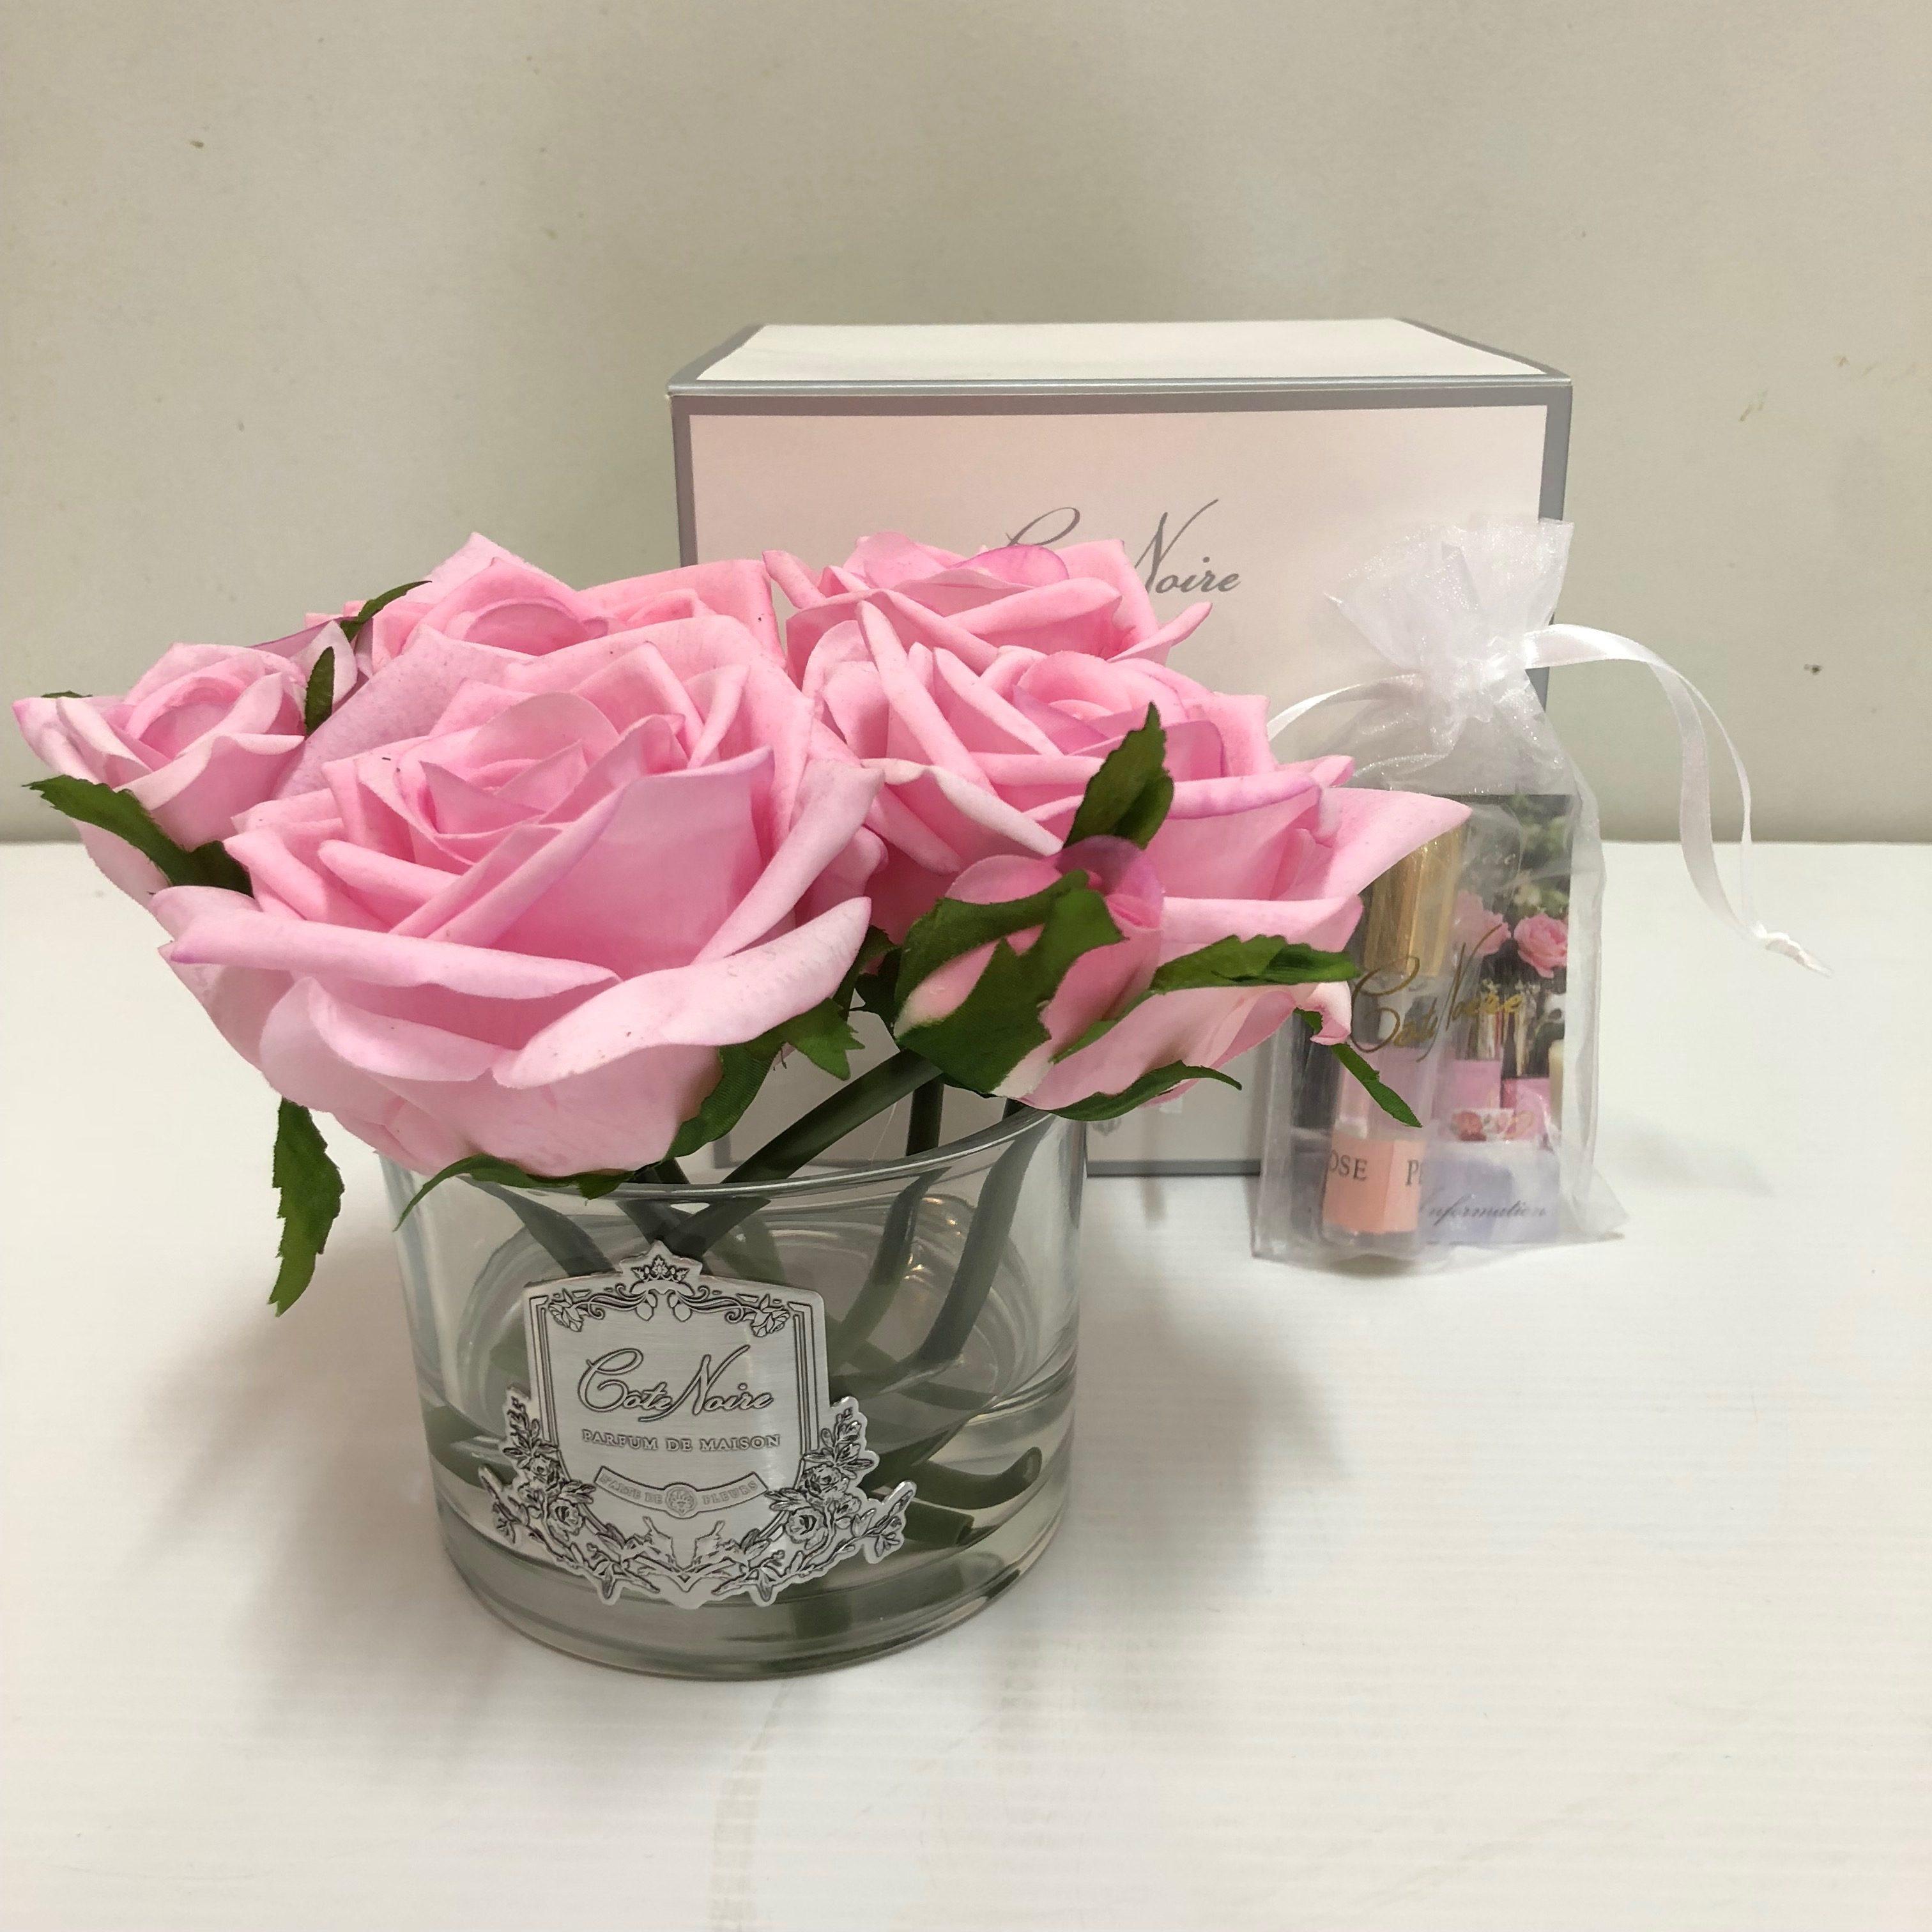 Cote Noir Pale Pink Rose Pretty Petals